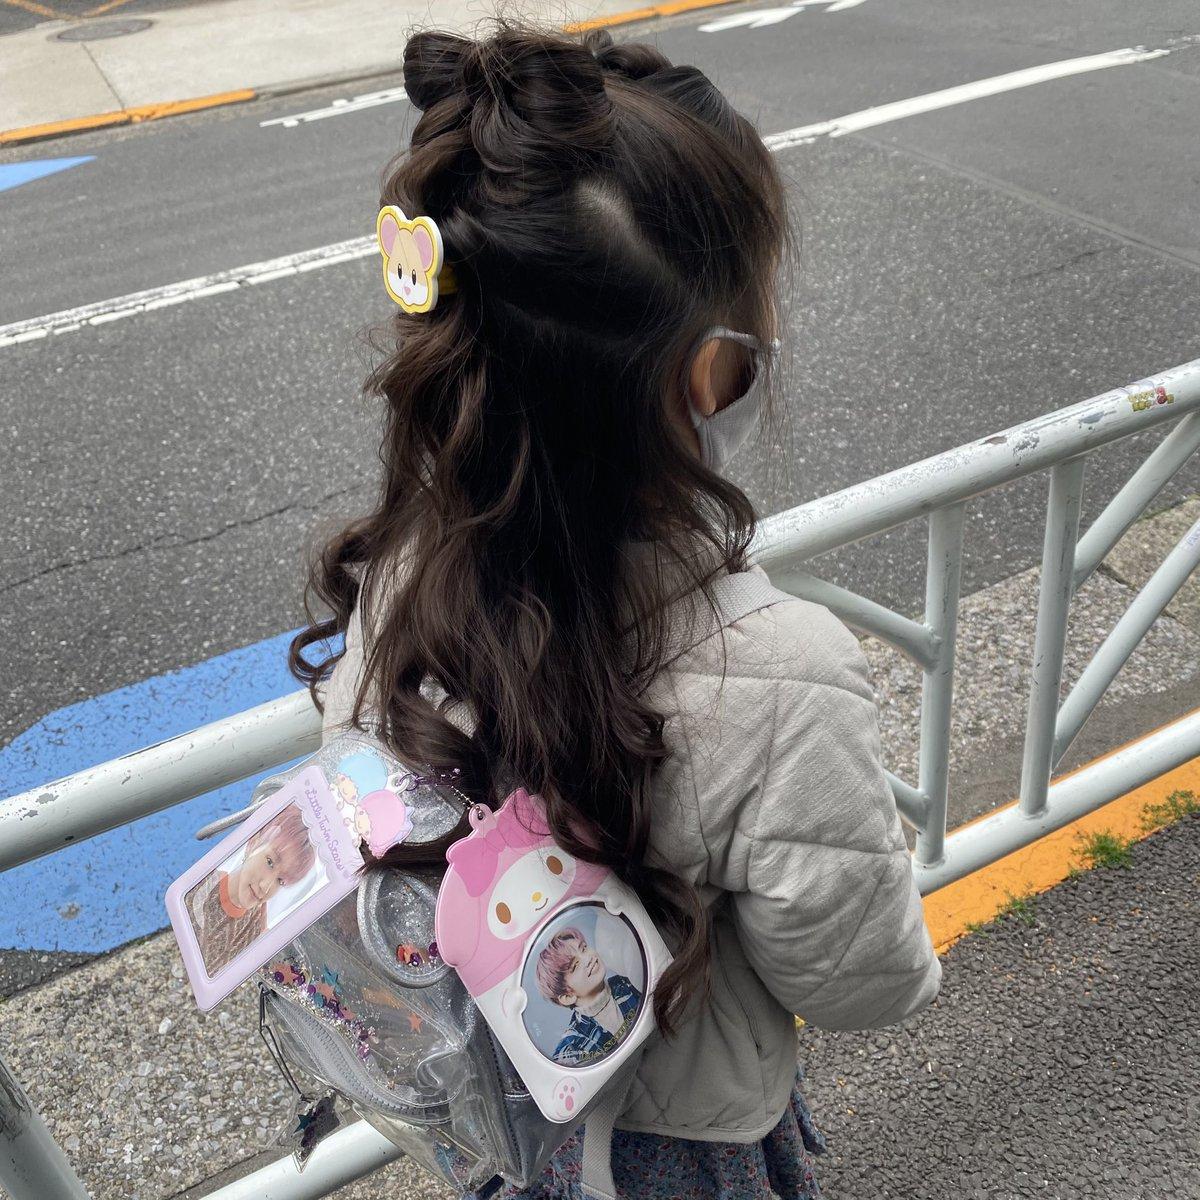 マシホのカプホ行くでやんす!!! あとで渋谷いくでやんす!!